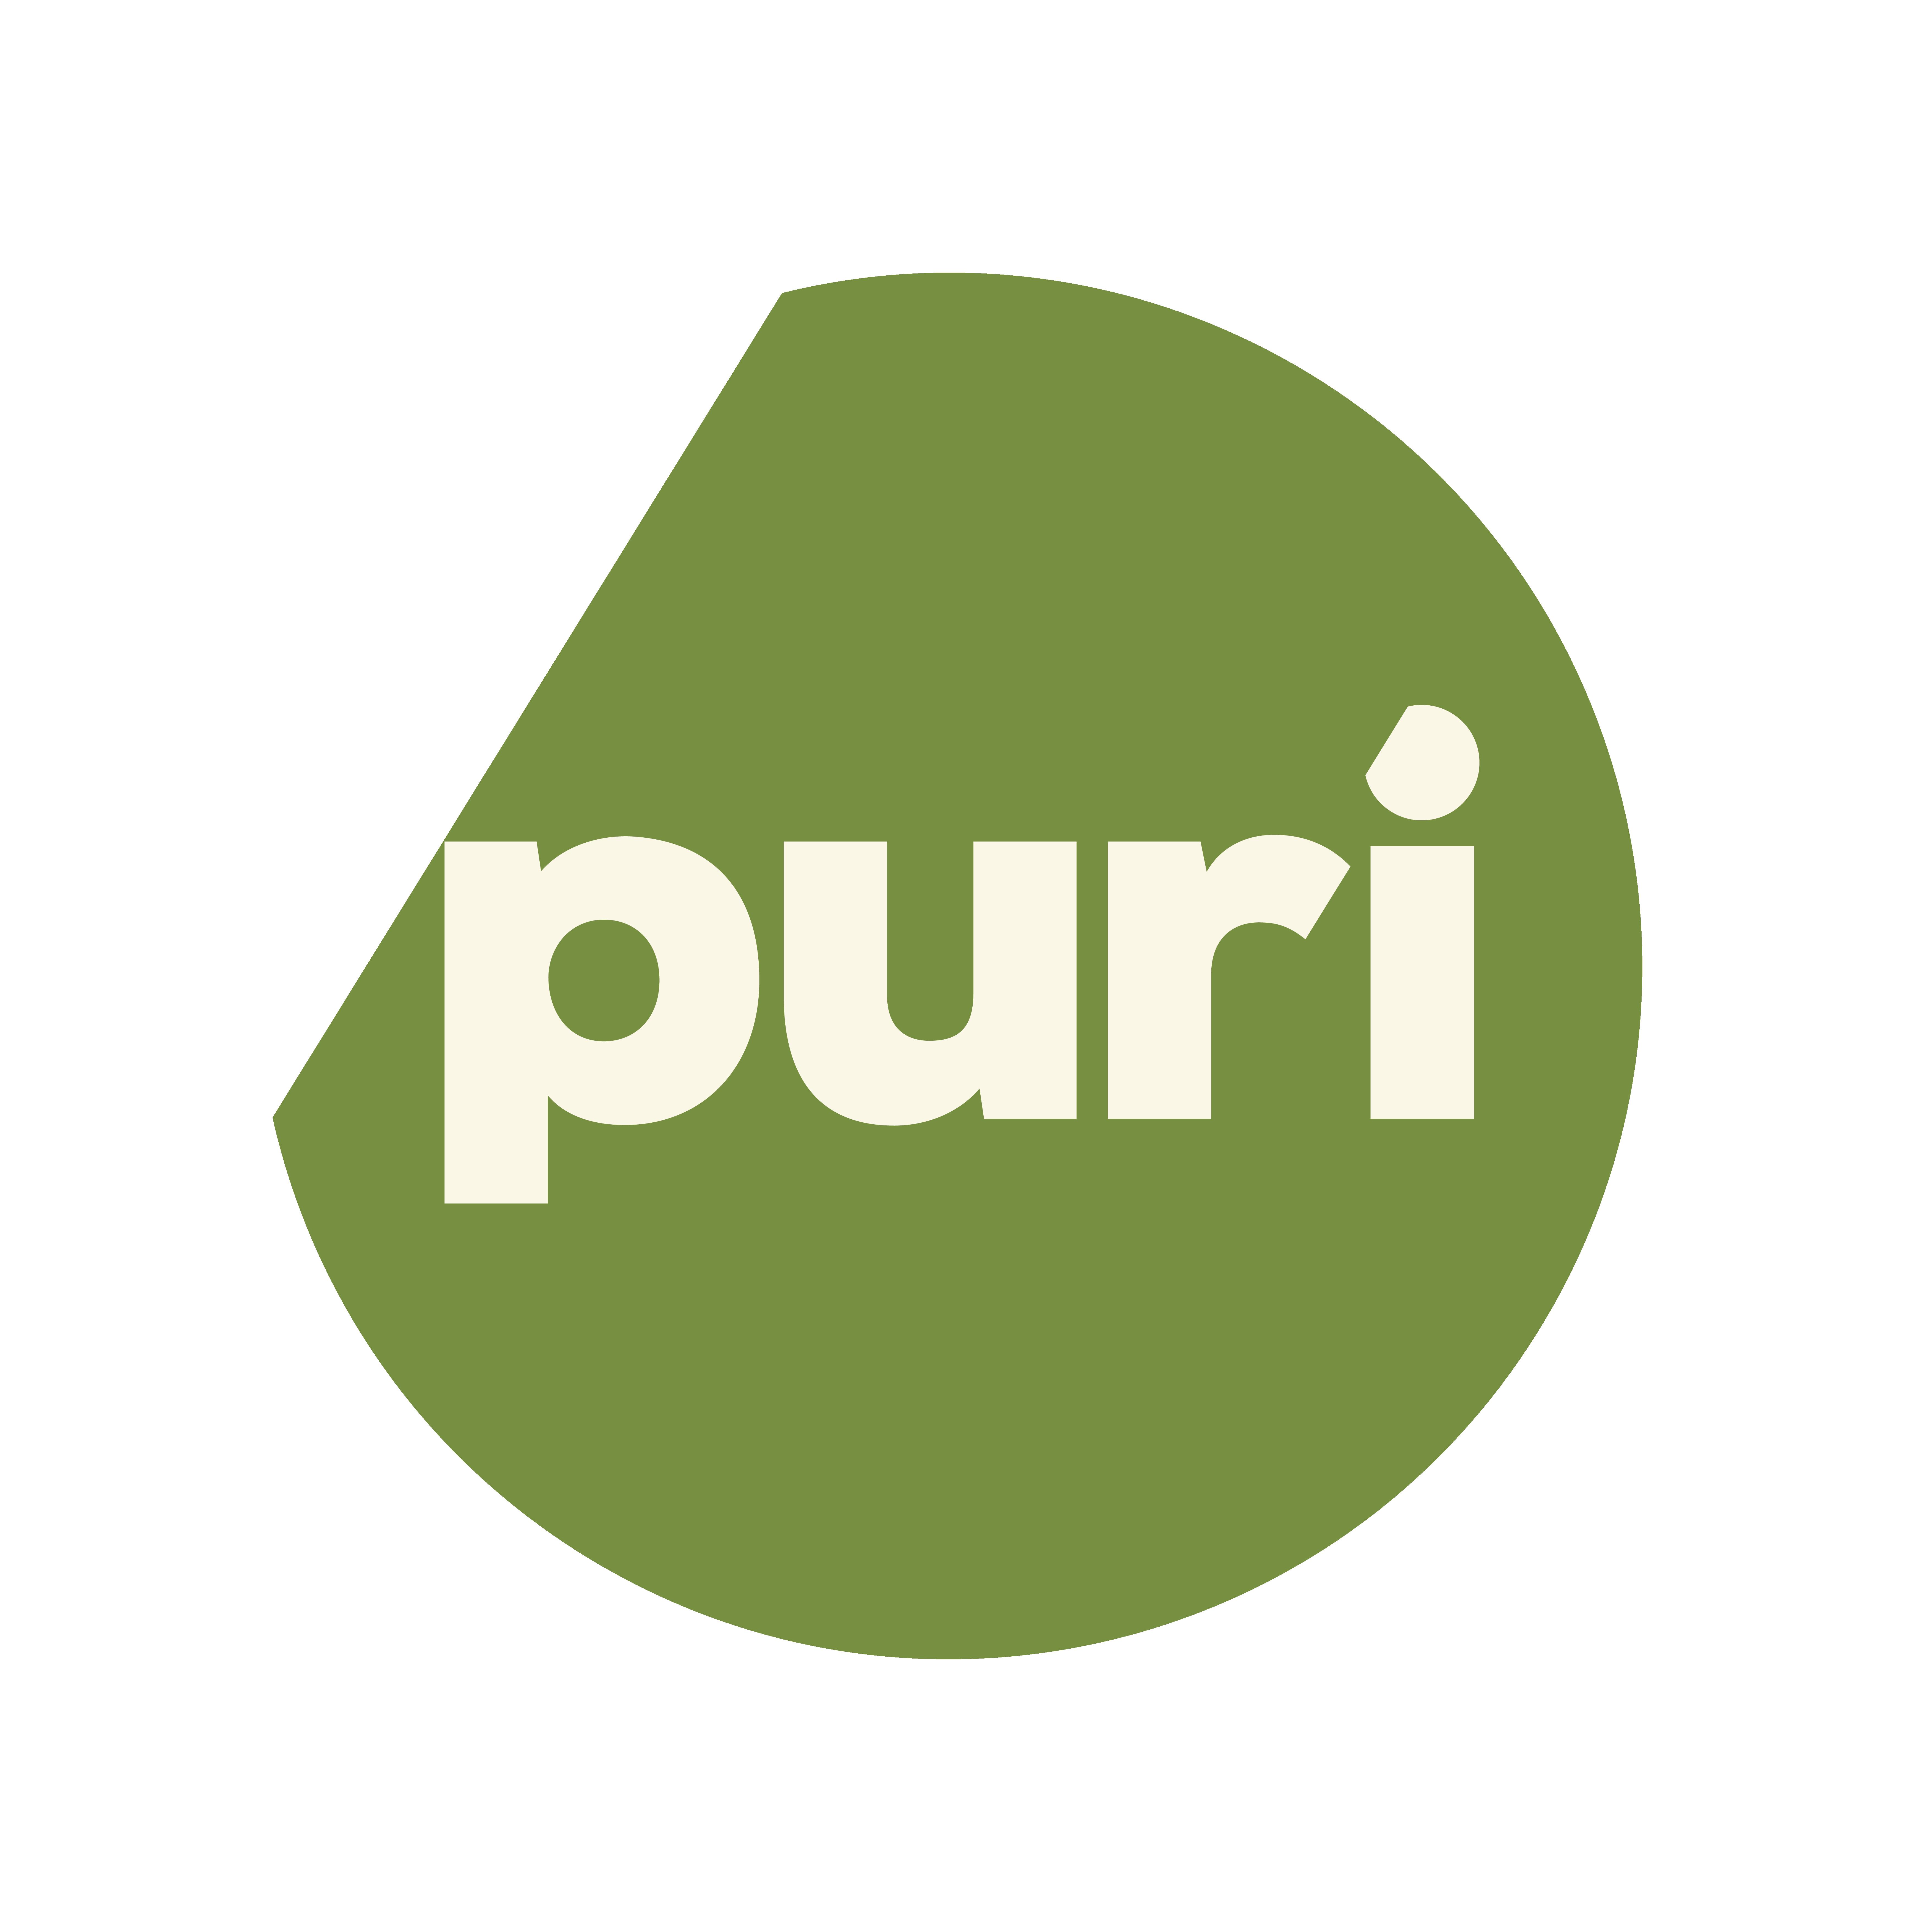 PURI_elemento_grafico_rgb_PURI_elemento_grafico_pantone